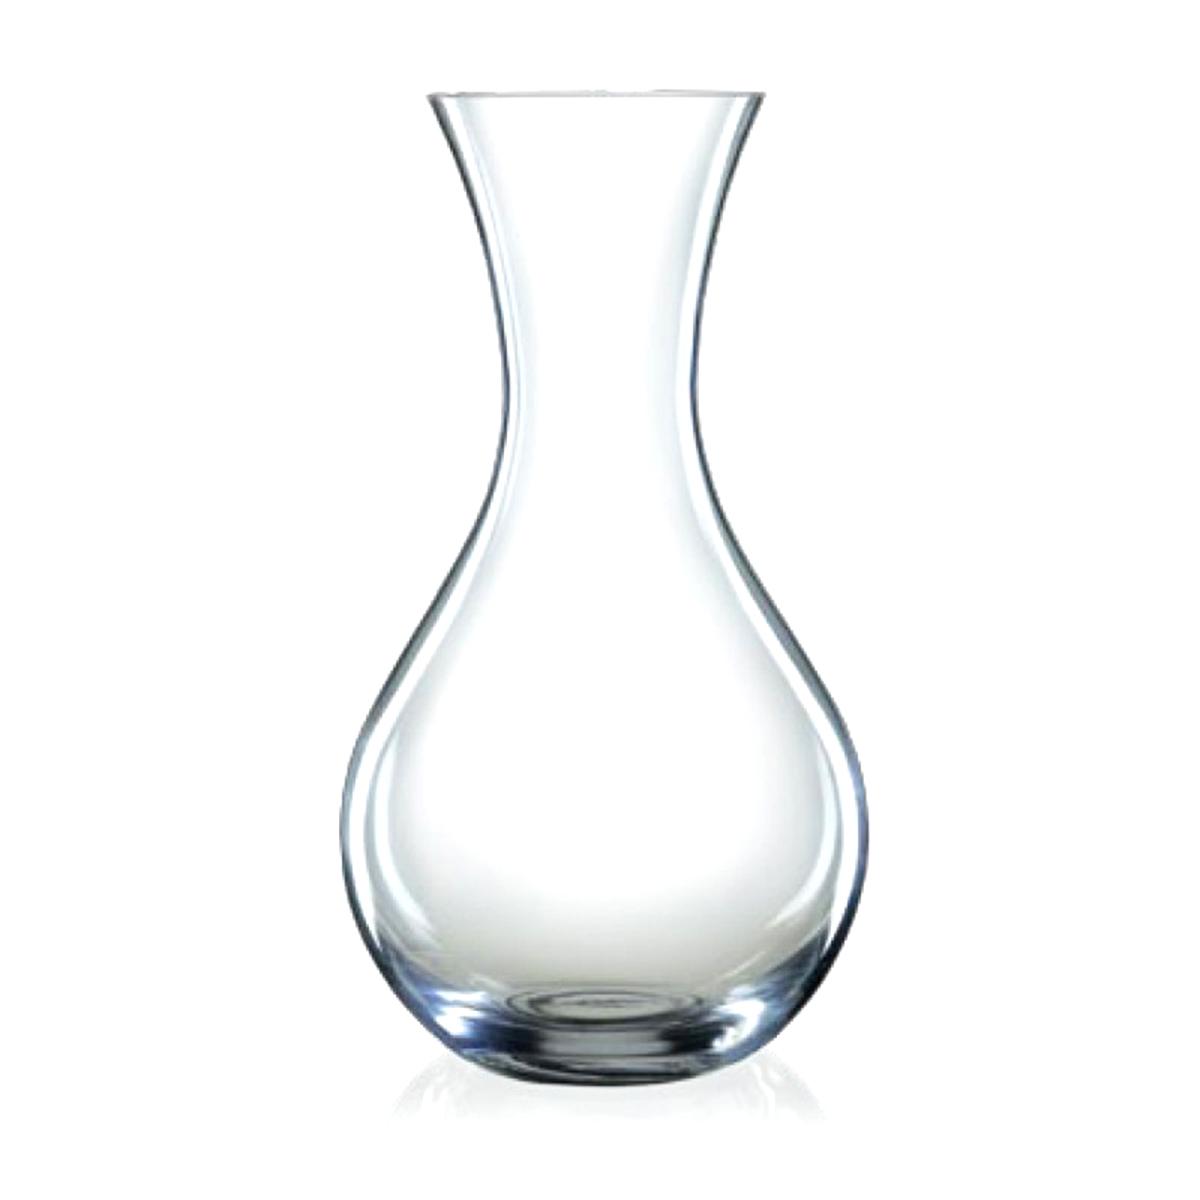 Кувшин Bohemia Crystal, 1,25 л